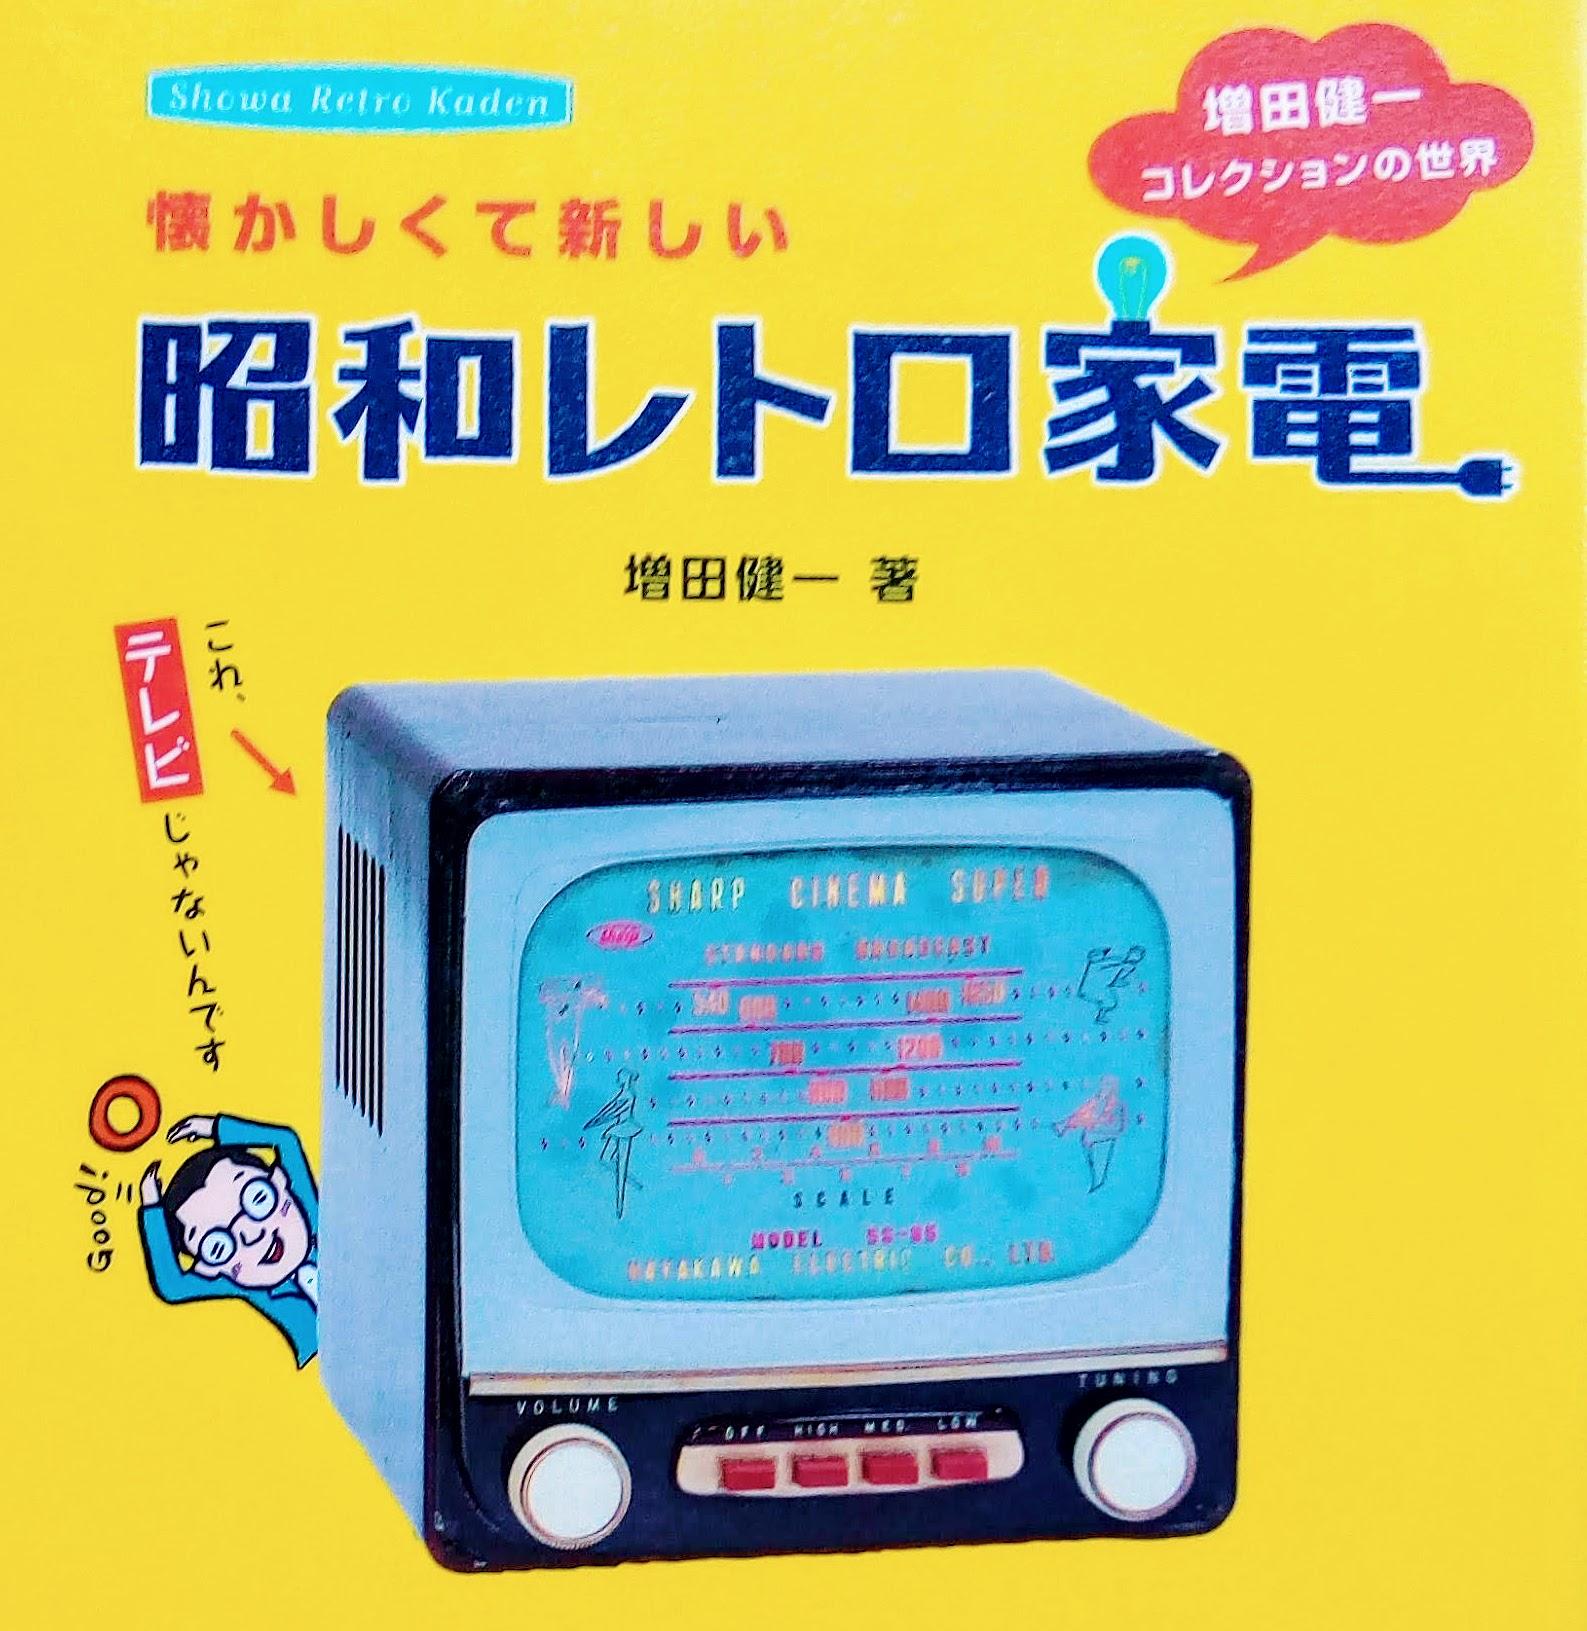 昭和レトロ家電 本の表紙